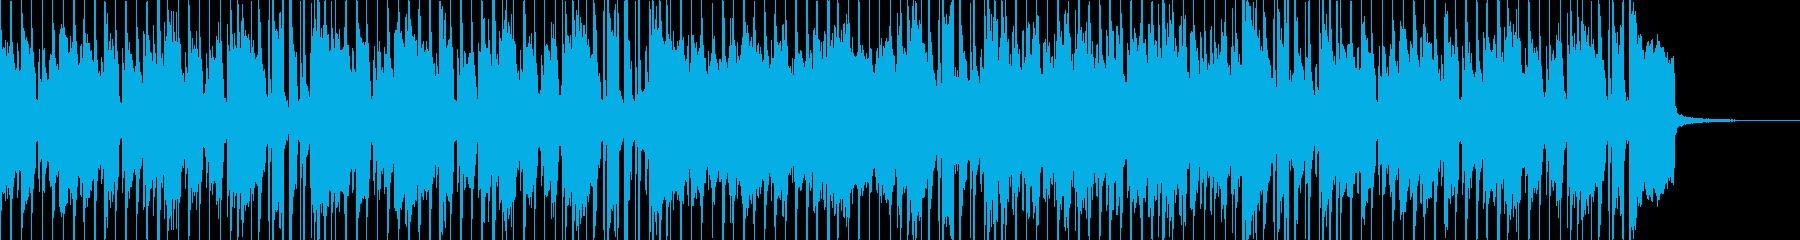 カジノ、ブラス、ジャズ、ほのぼのBGMの再生済みの波形